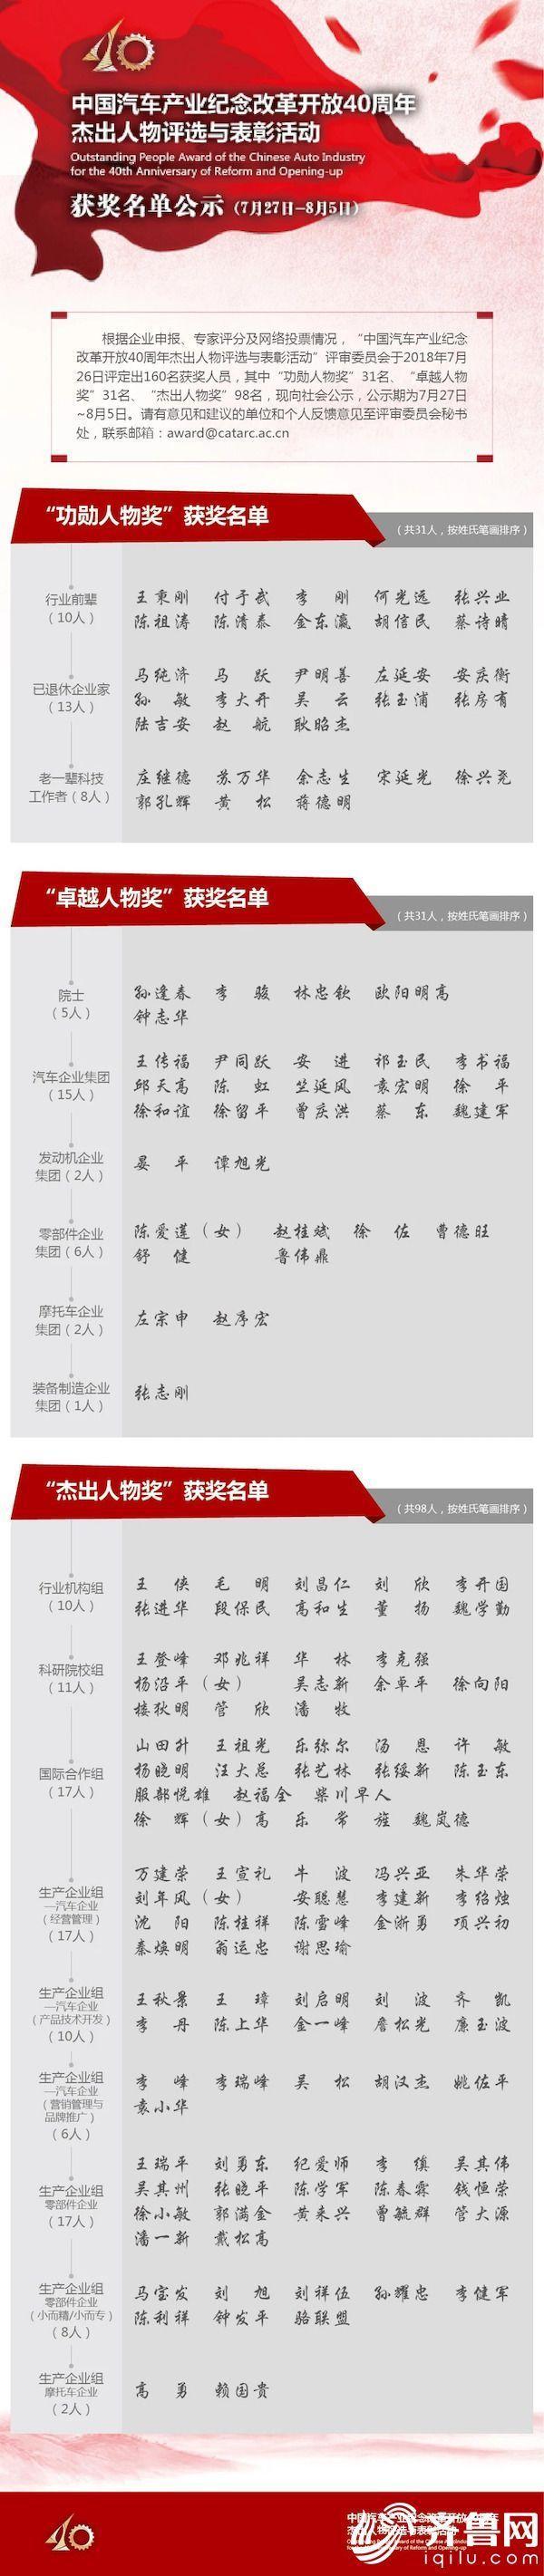 山东省魏学勤等6人当选中国汽车产业纪念改革开放40周年杰出人物